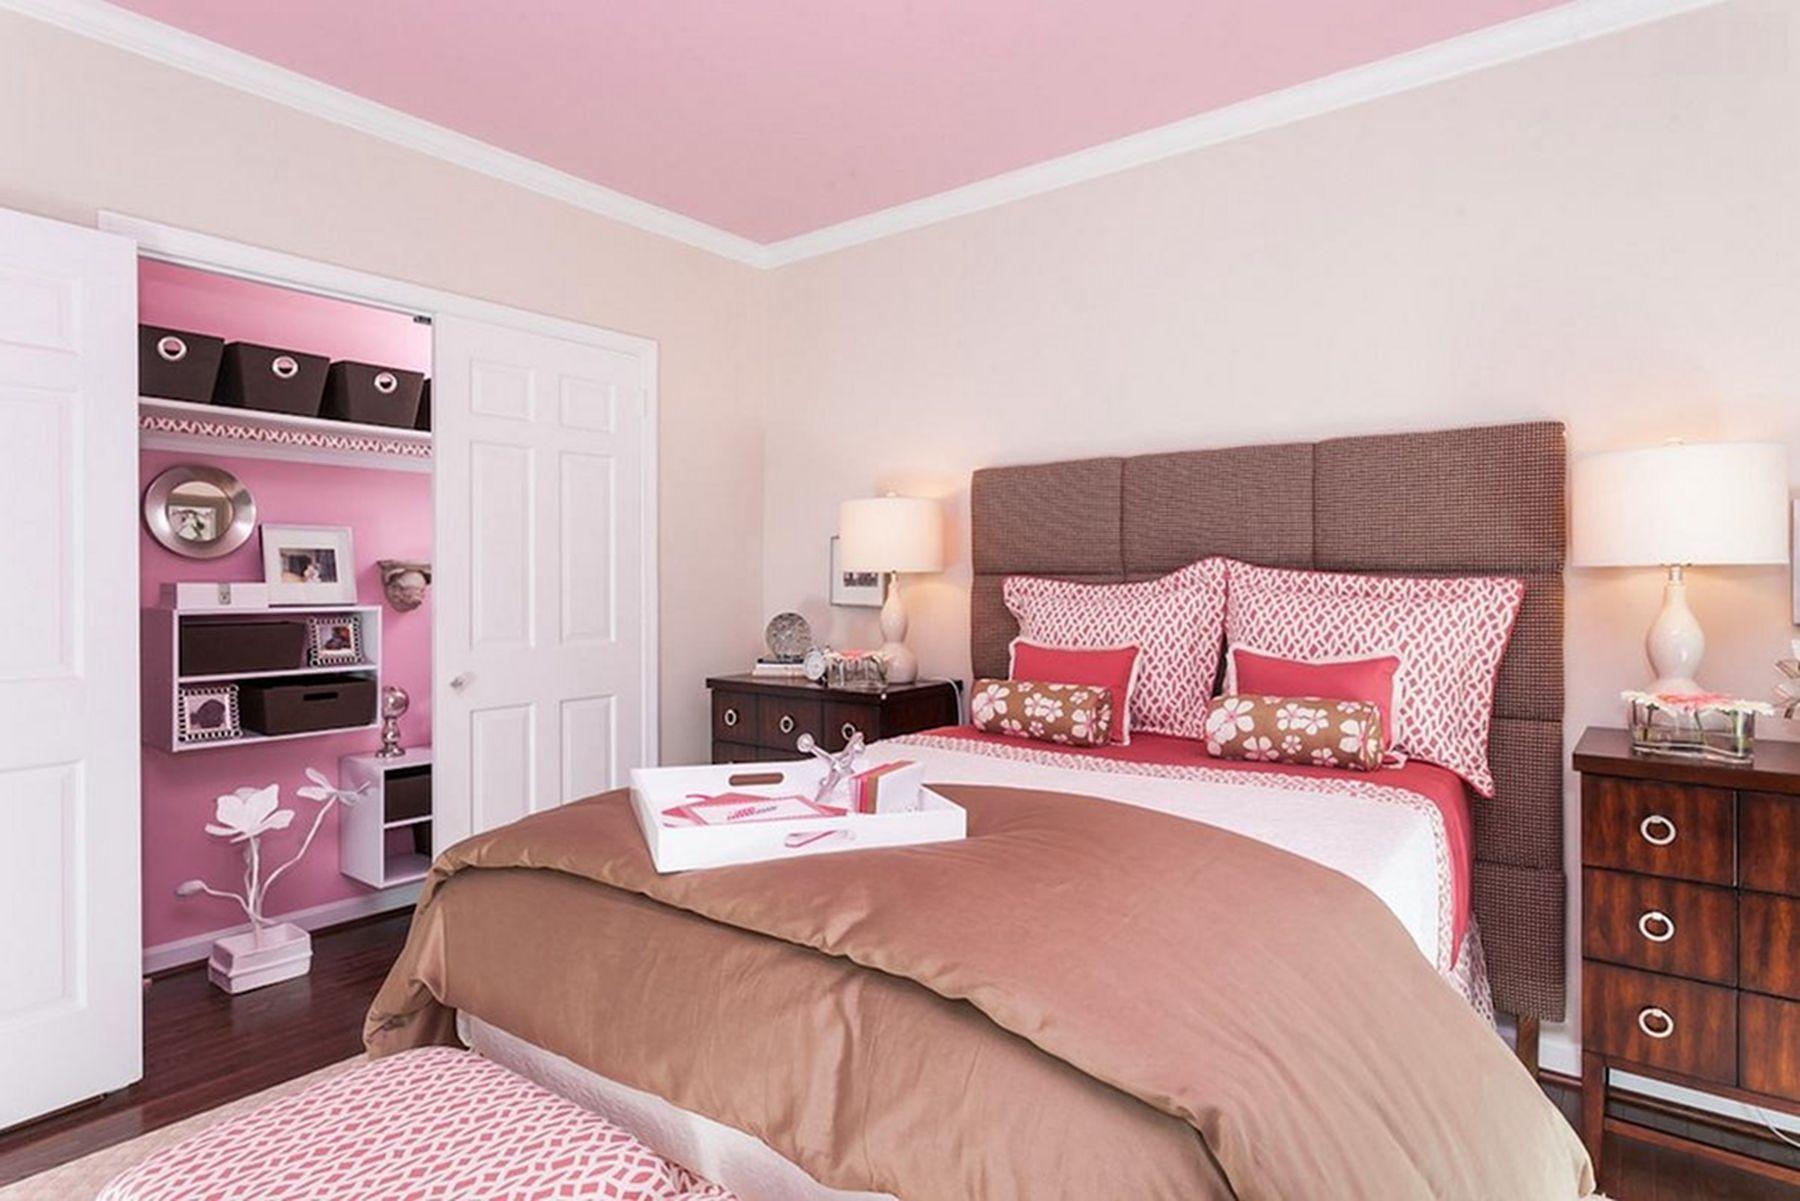 Phòng ngủ màu hồng đẹp